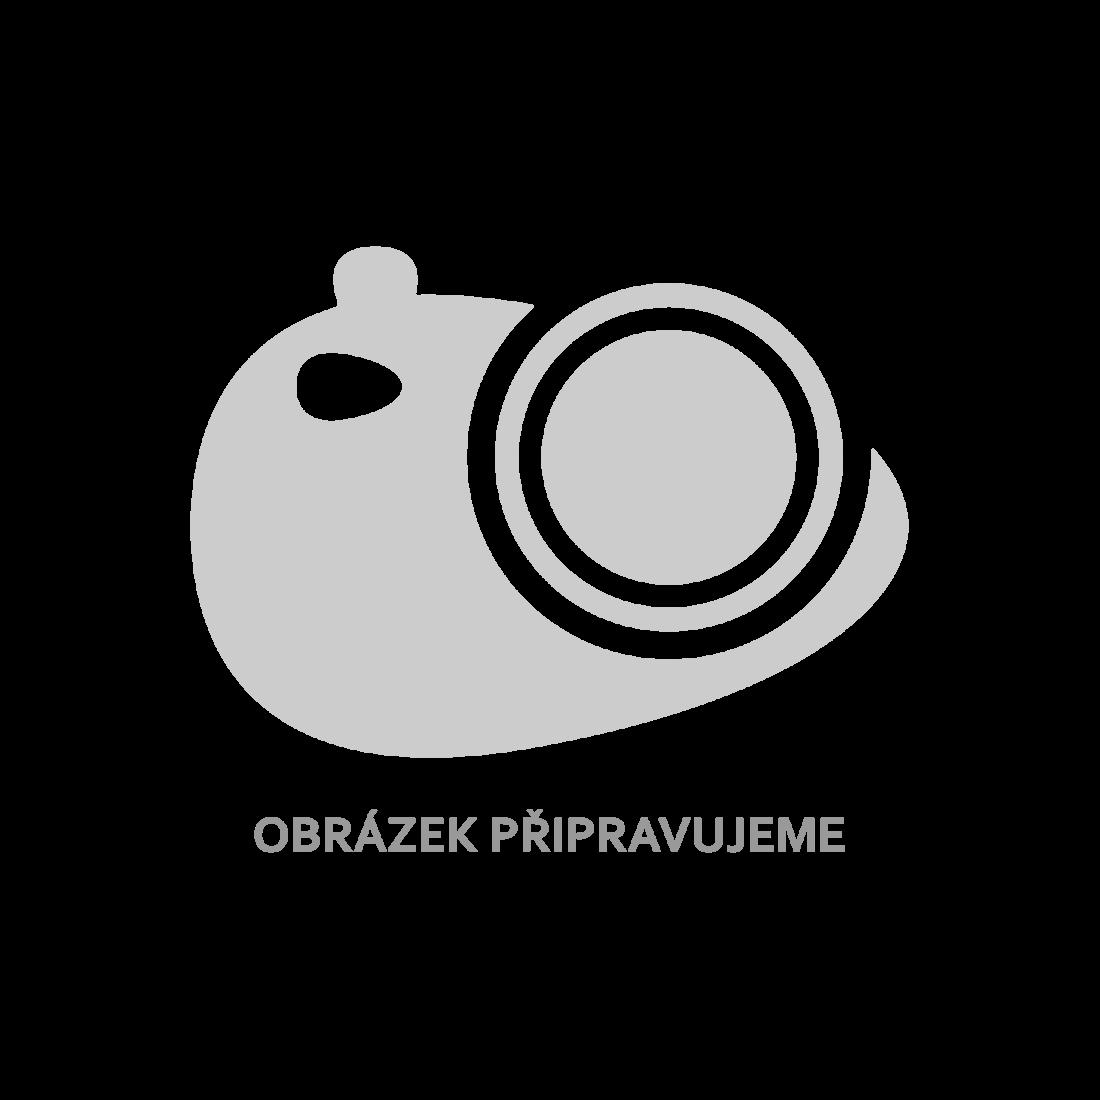 vidaXL Hnízdové stolky 3 ks černý mramor 42x42x41,5 cm tvrzené sklo [284738]